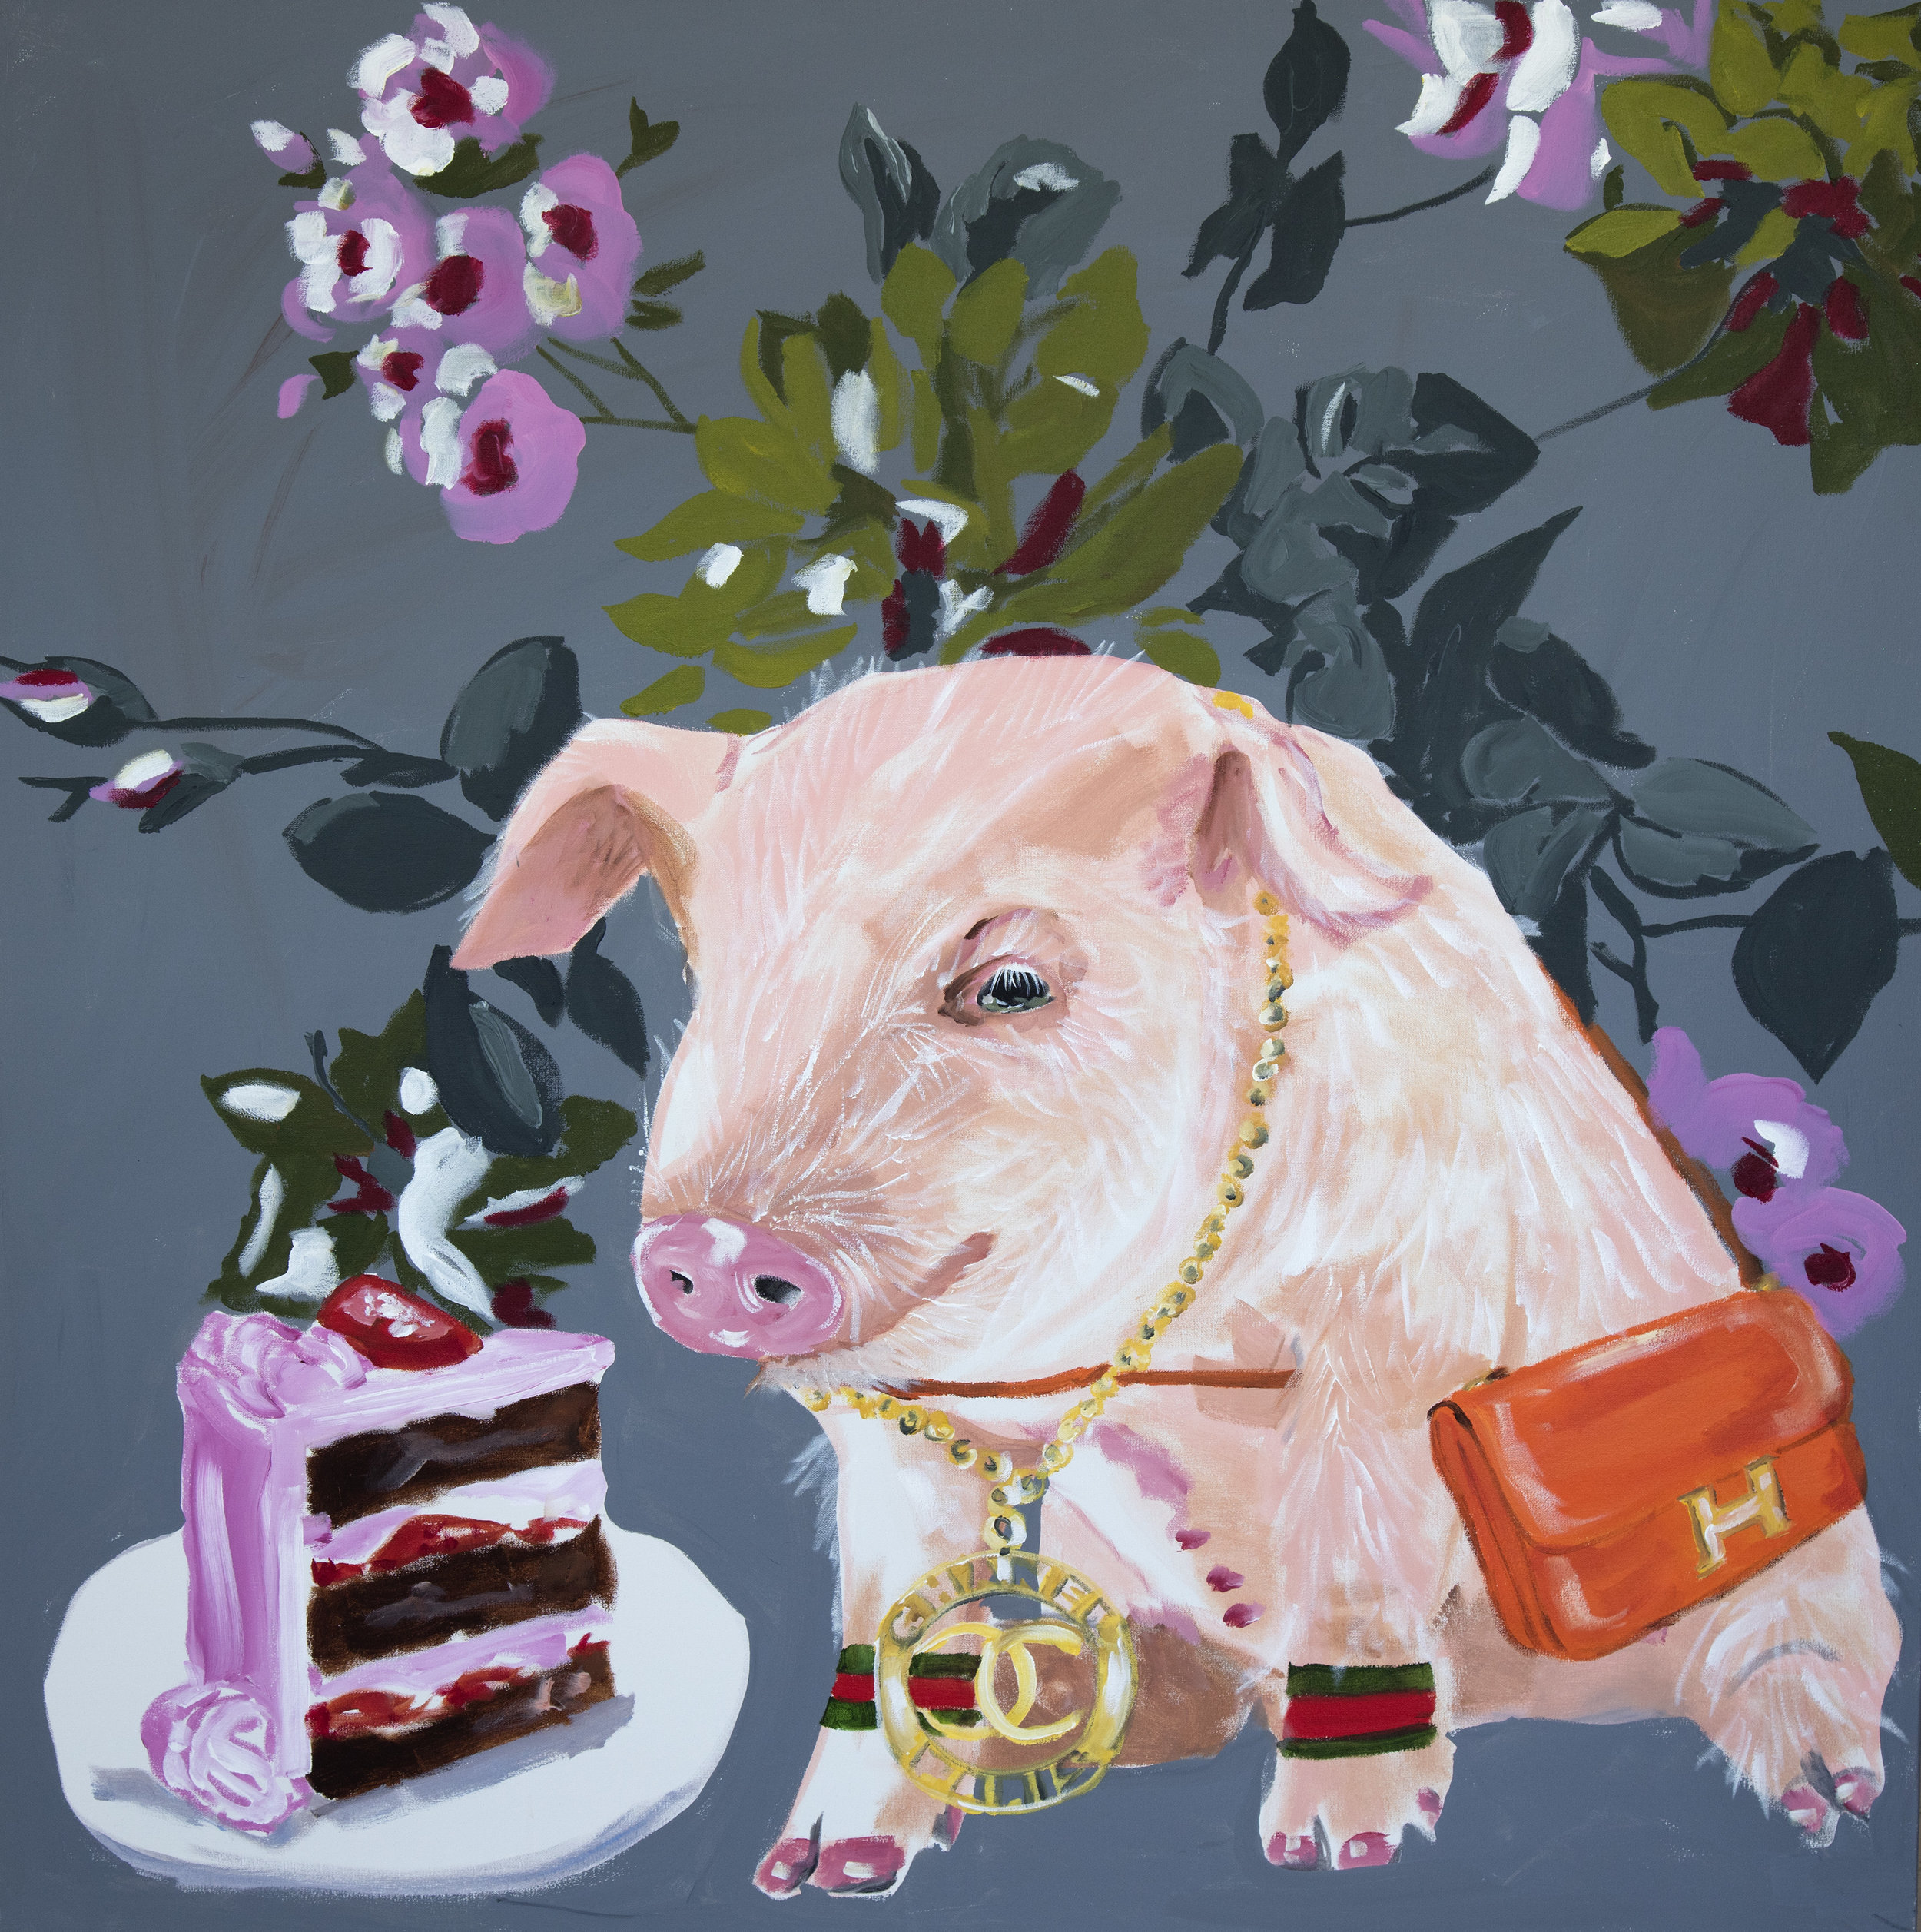 Gucci-Pig-PB-1Y1A3028.jpg